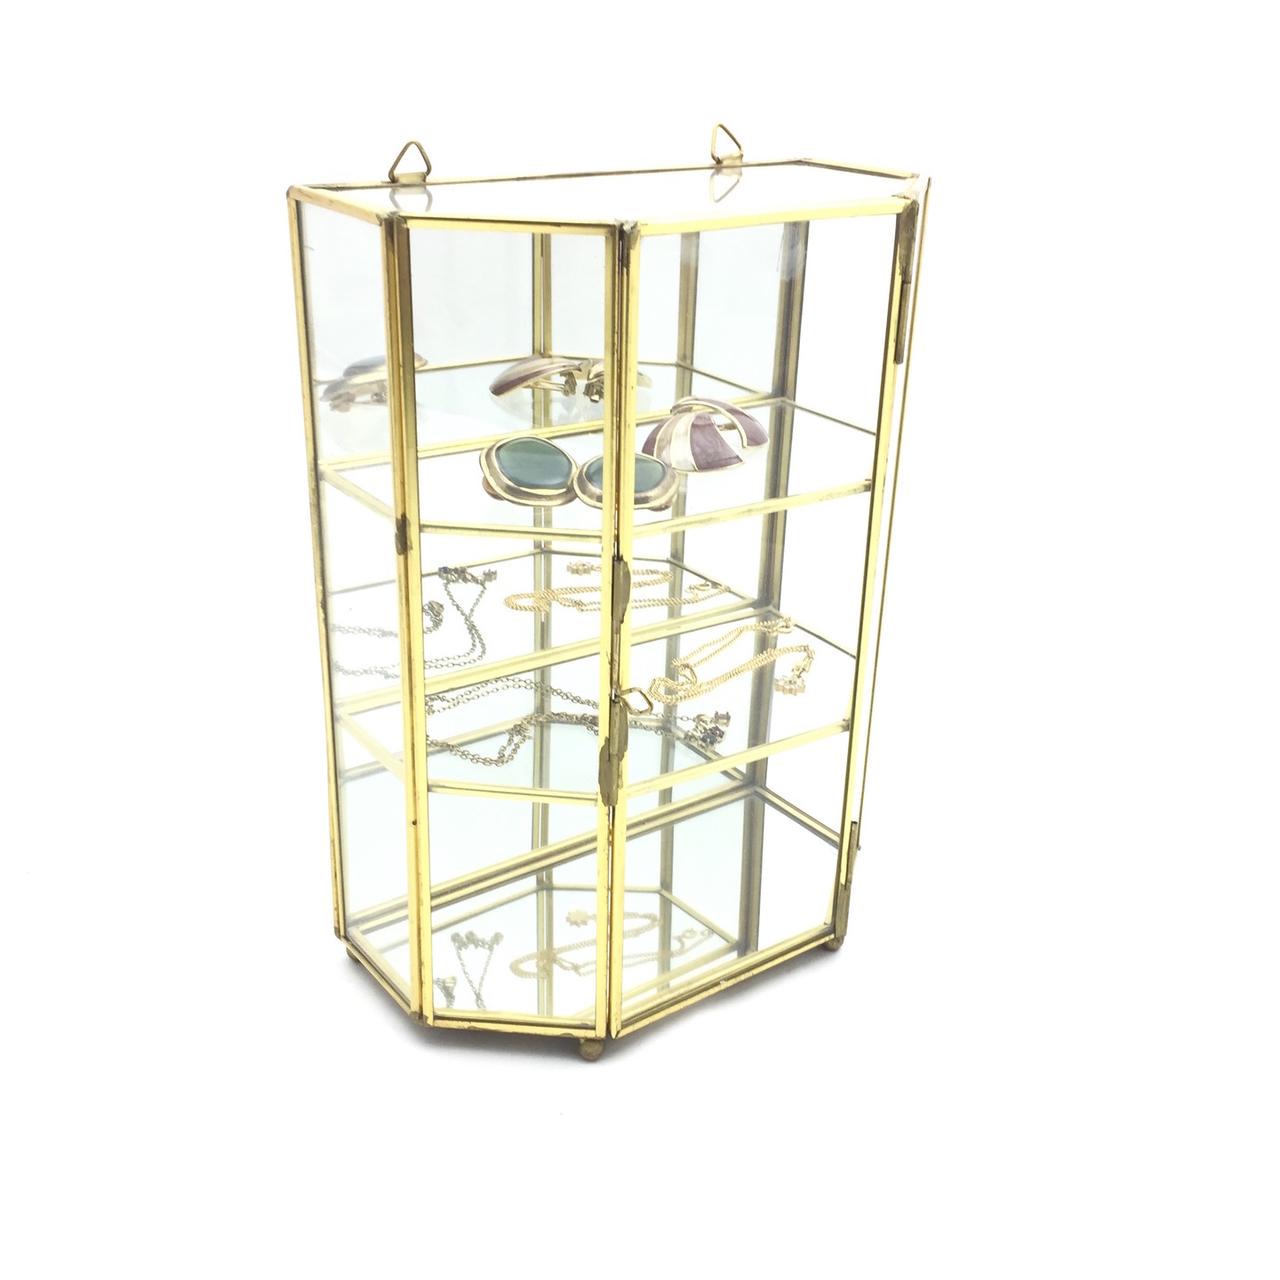 Klein Glazen Vitrinekastje.Vintage Glazen Mini Vitrinekastje Messing Sprinkel Hop